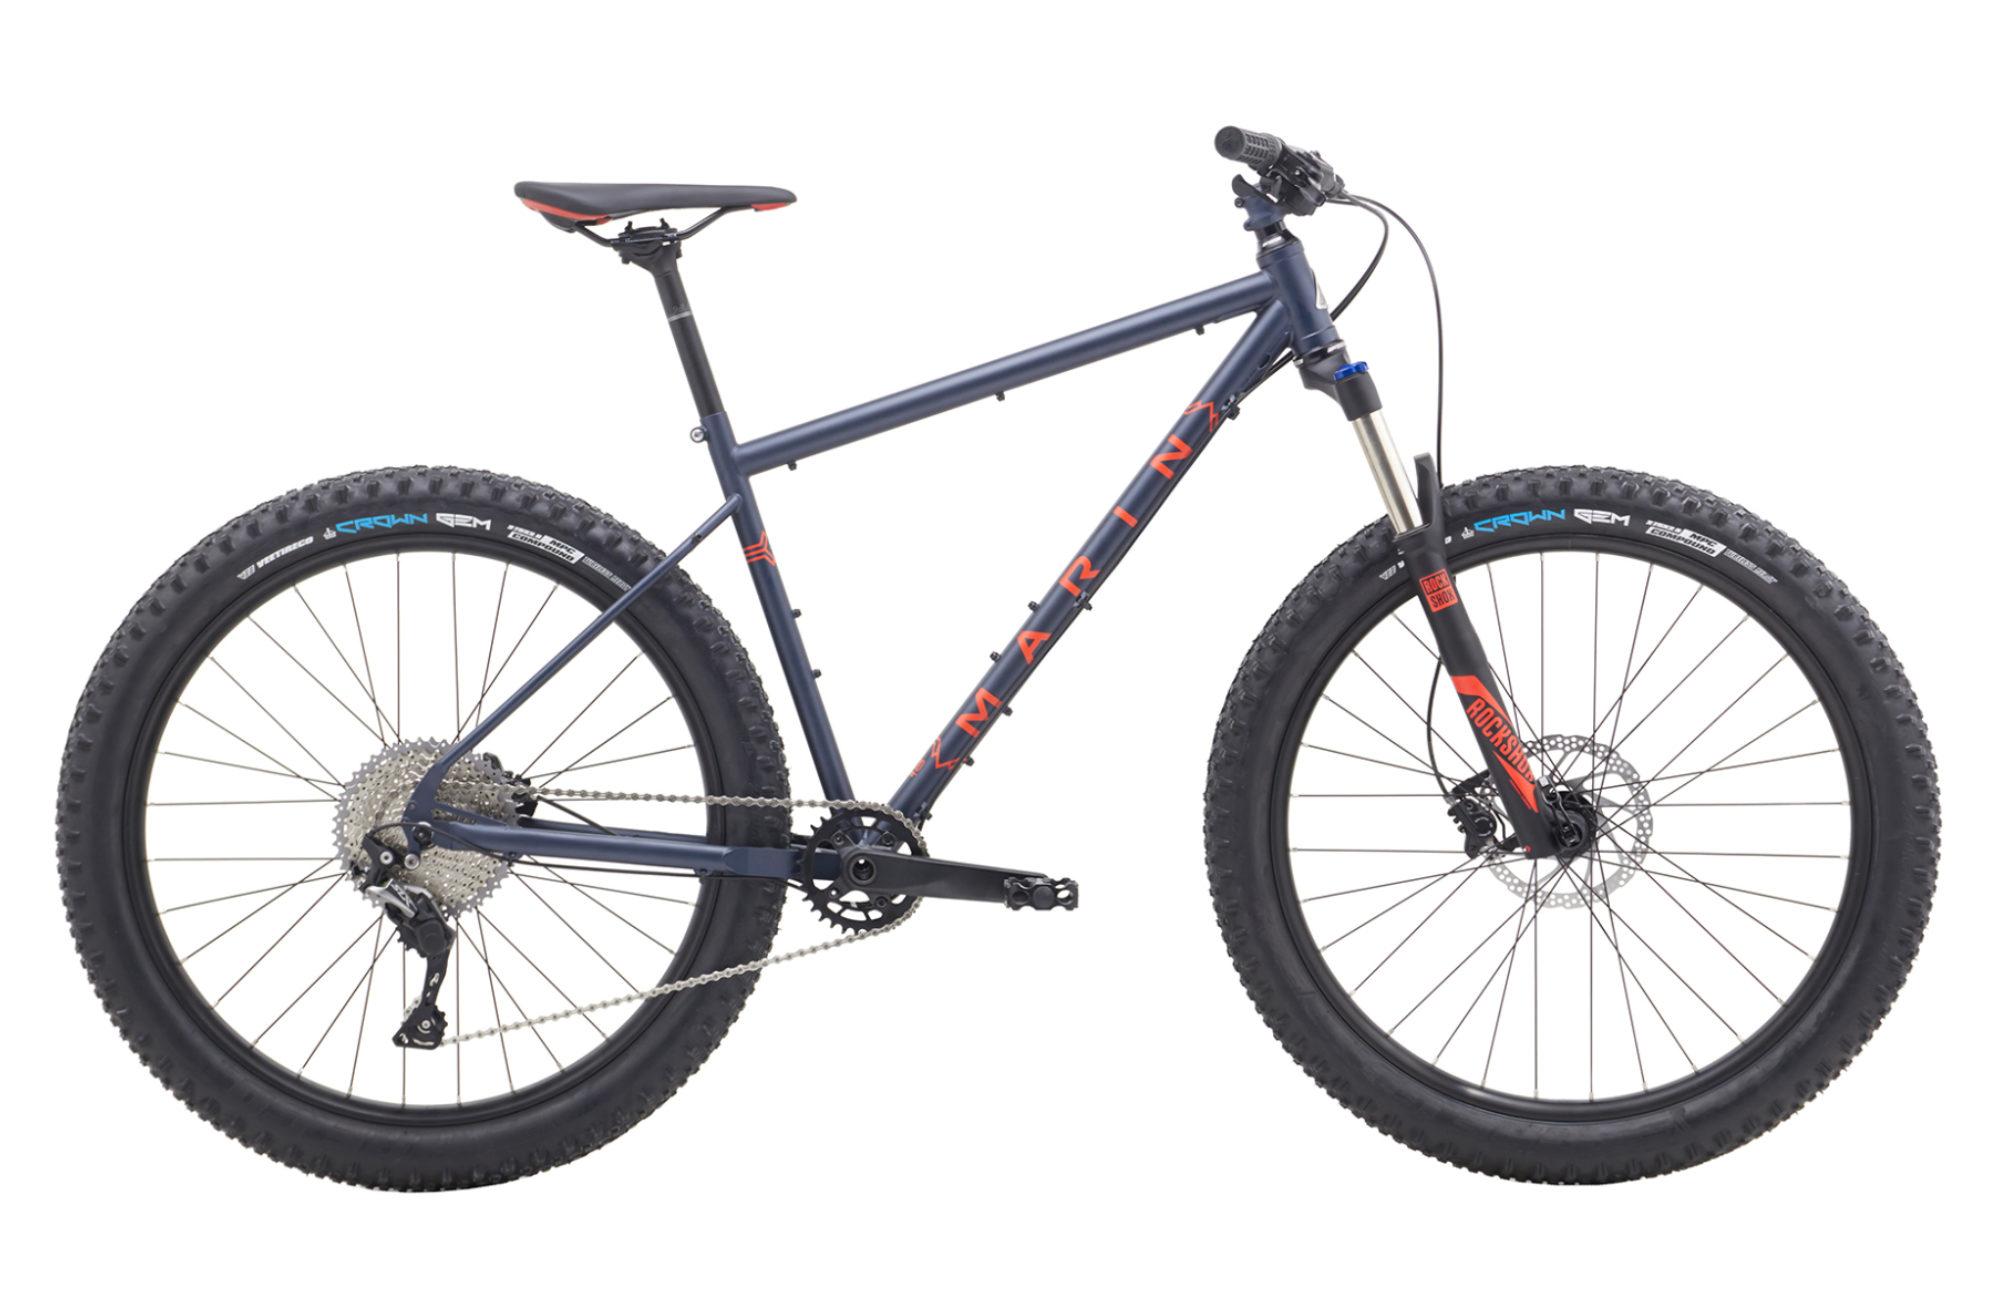 2018 Pine Mountain 1 £1200